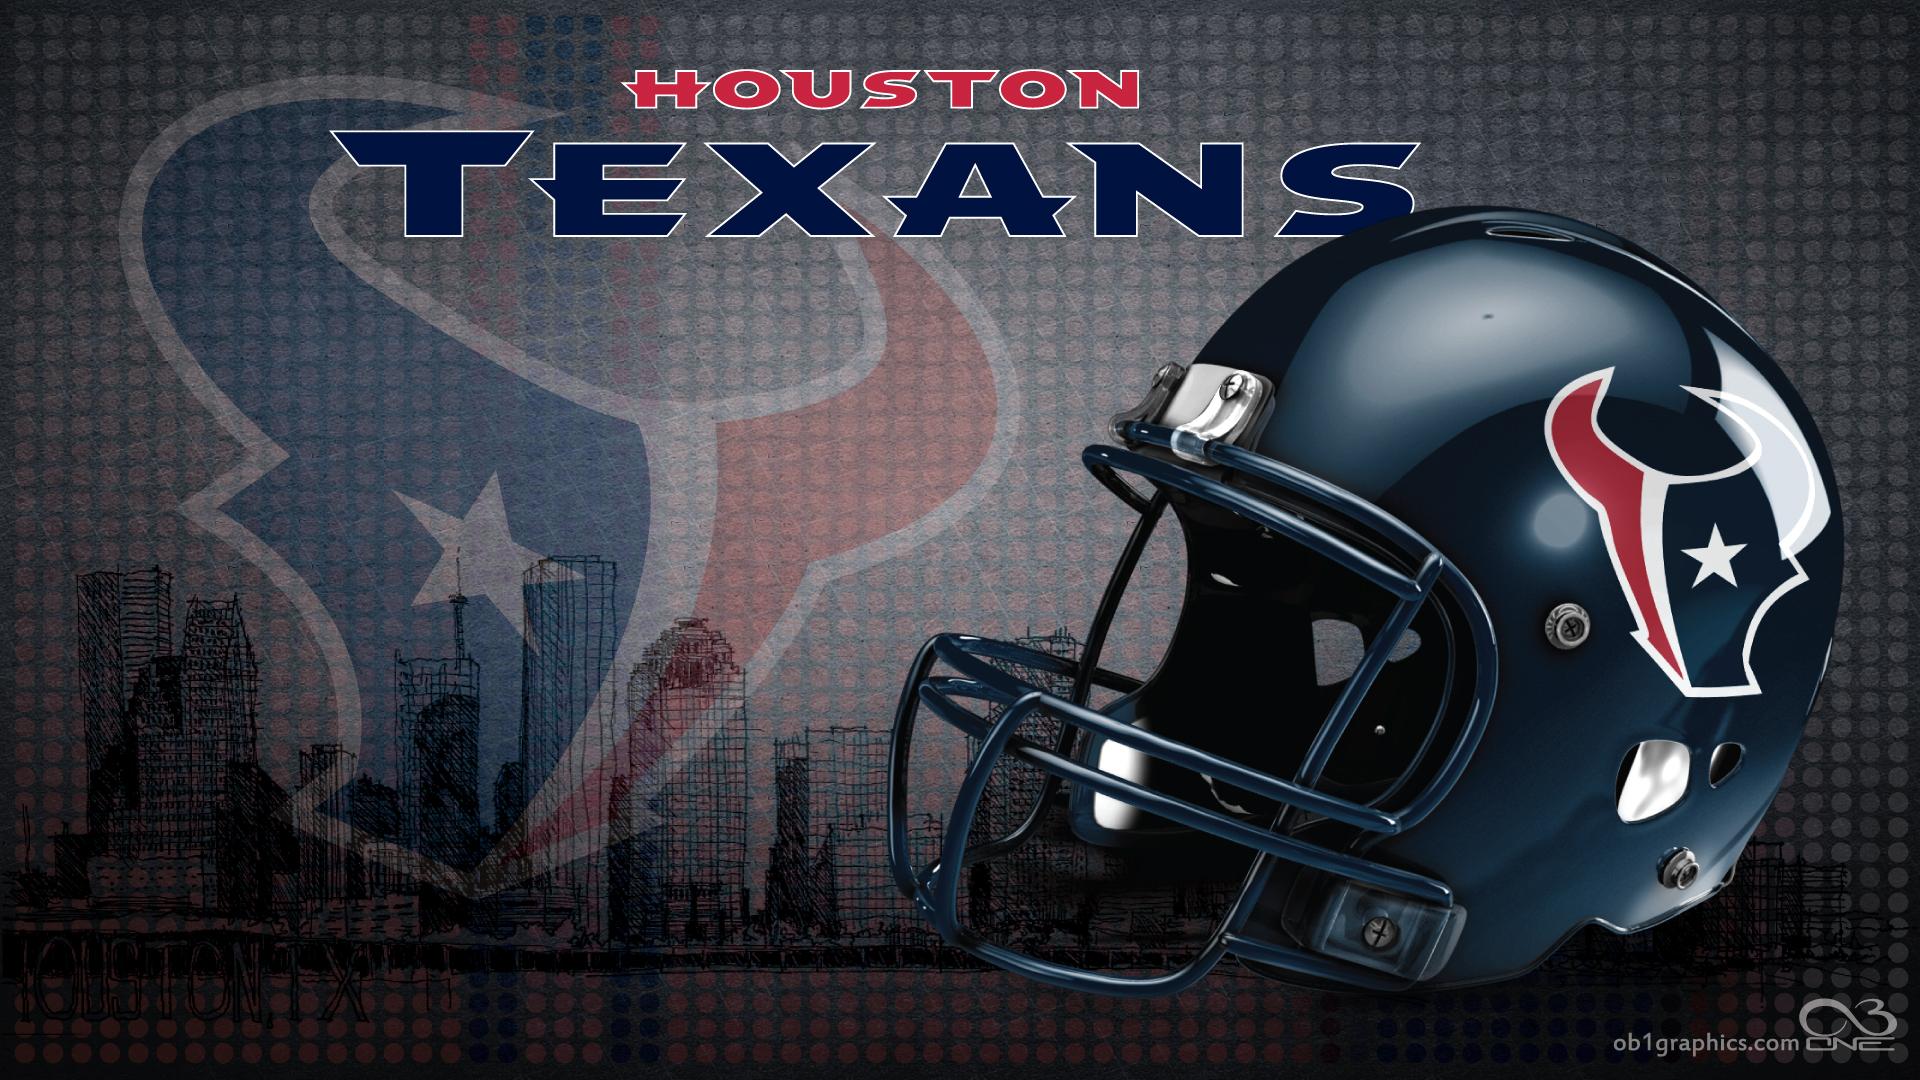 Houston Texans by texasOB1 1920 x 1080 1920x1080